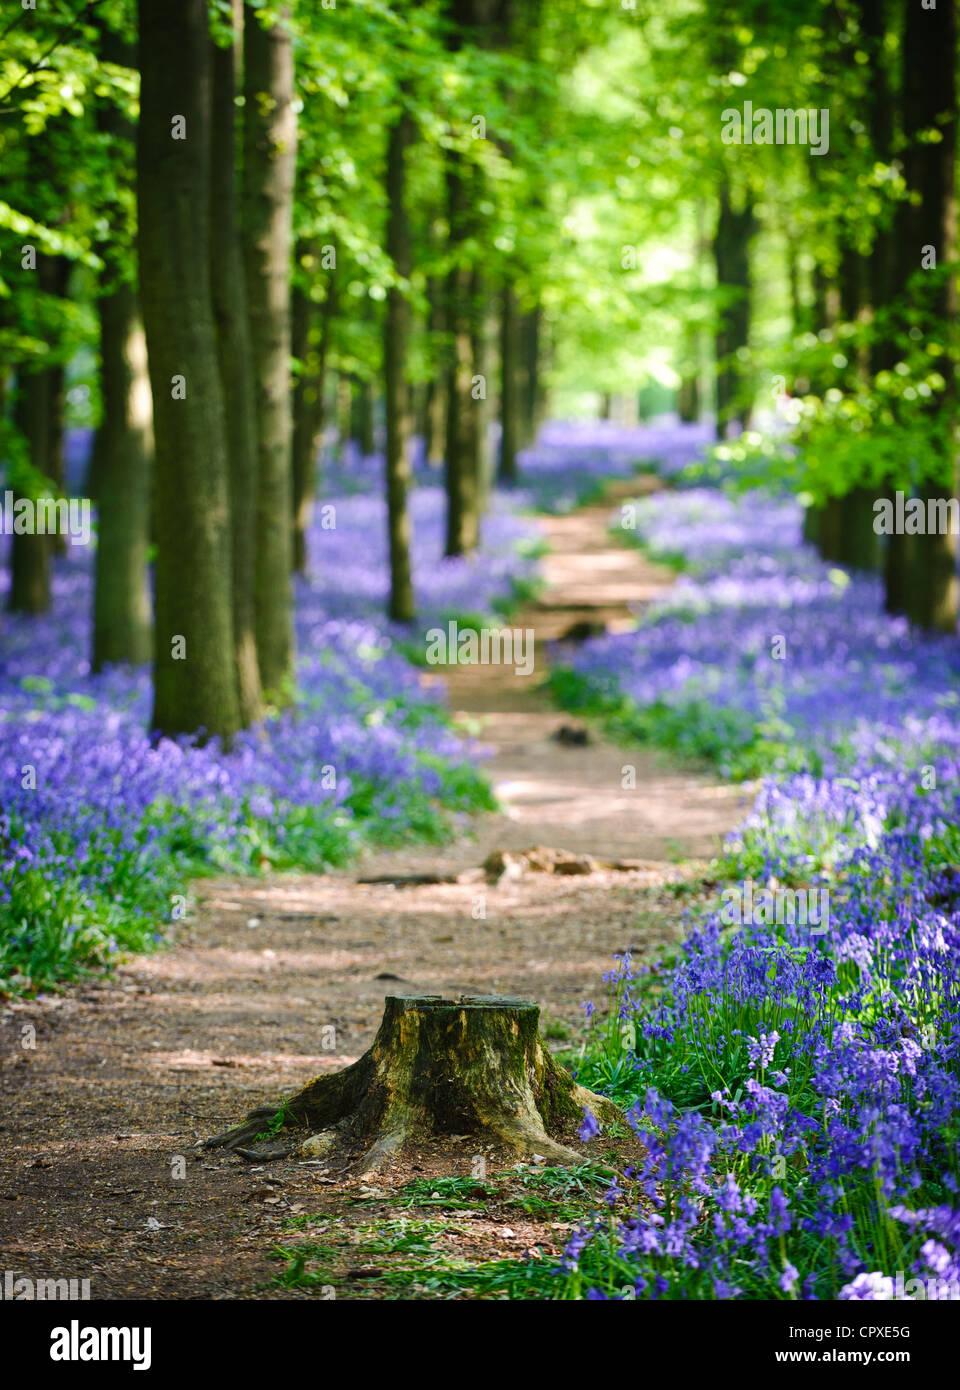 Bluebells in piena fioritura che ricopre il pavimento in un tappeto di colore blu in una bellissima spiaggia tree Immagini Stock